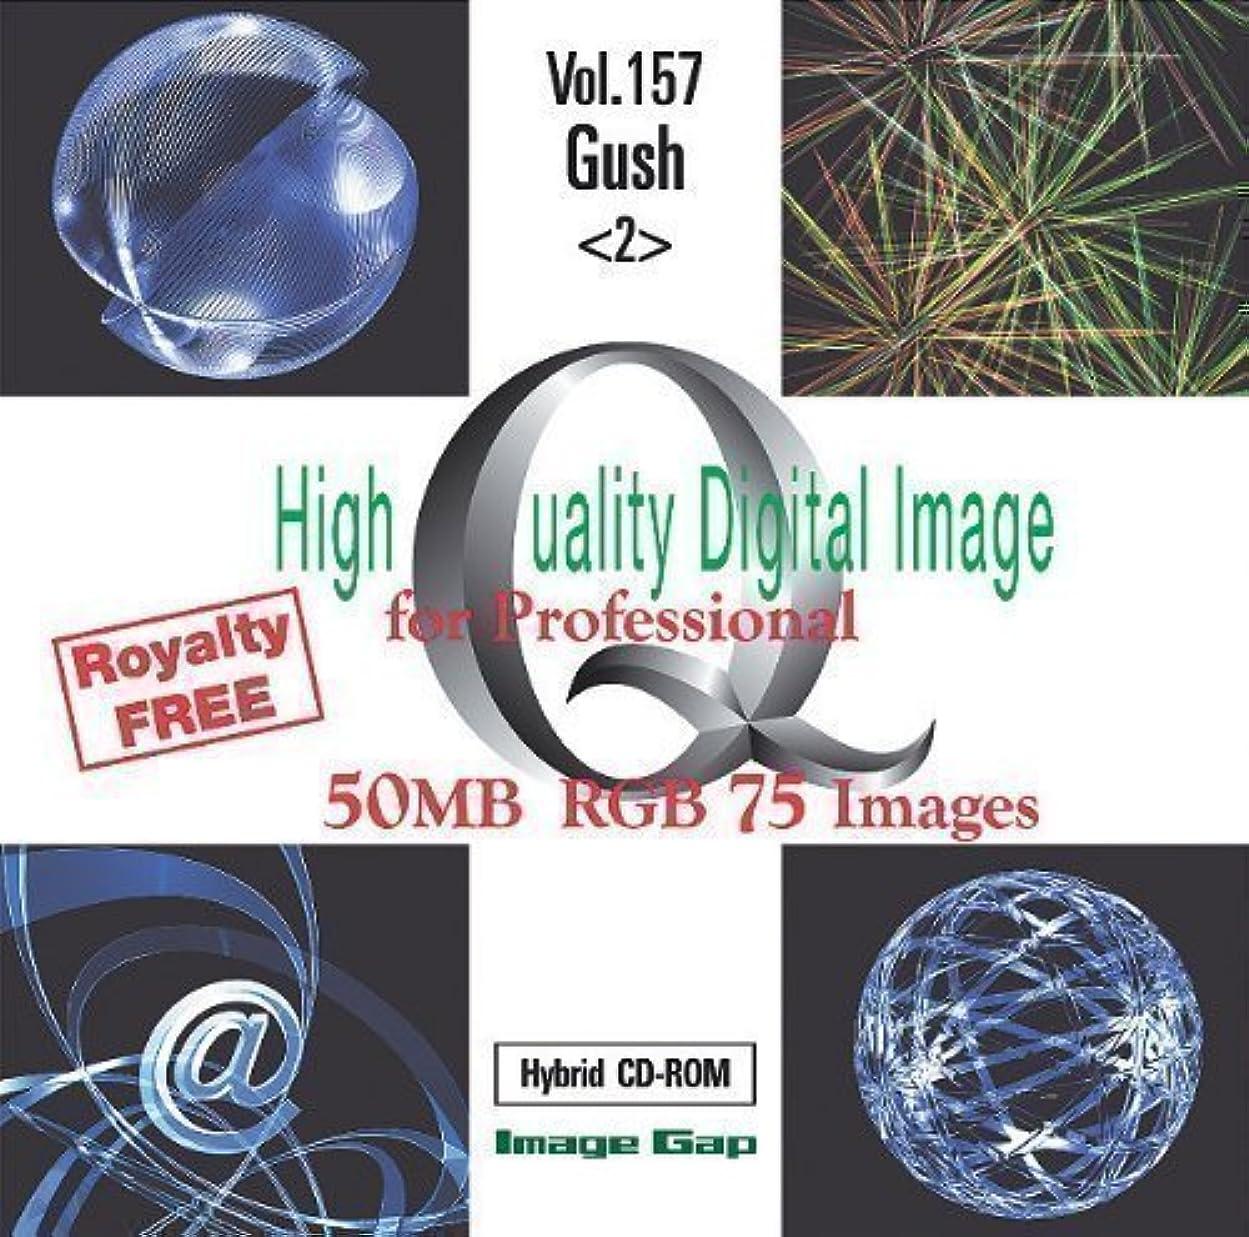 同志除外する織機High Quality Digital Image Gush <2>